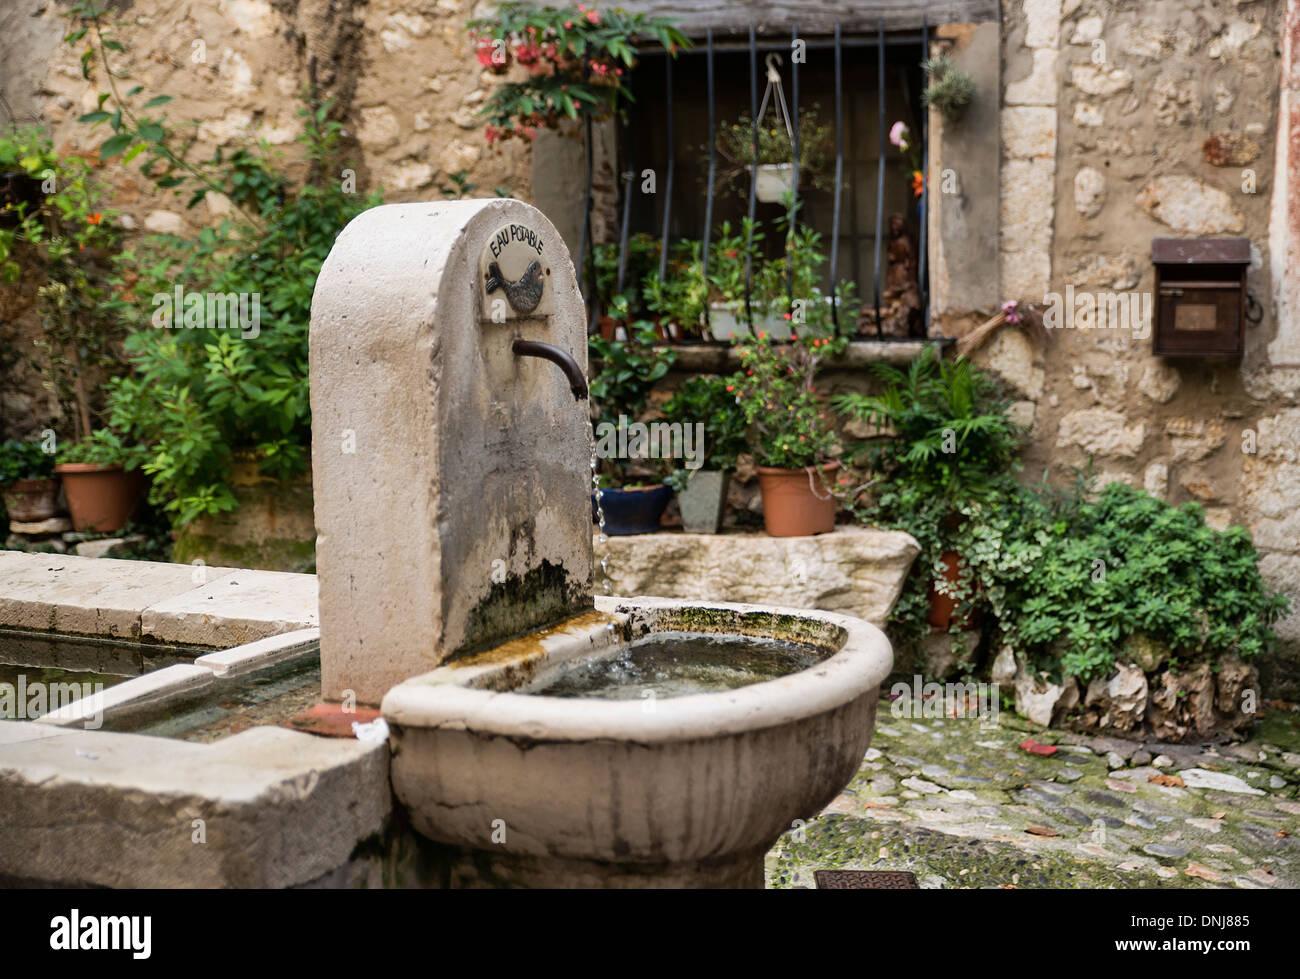 Una fuente de agua de estilo rústico en un patio en el pueblo de St Paul de Vence, Provenza, Francia Imagen De Stock